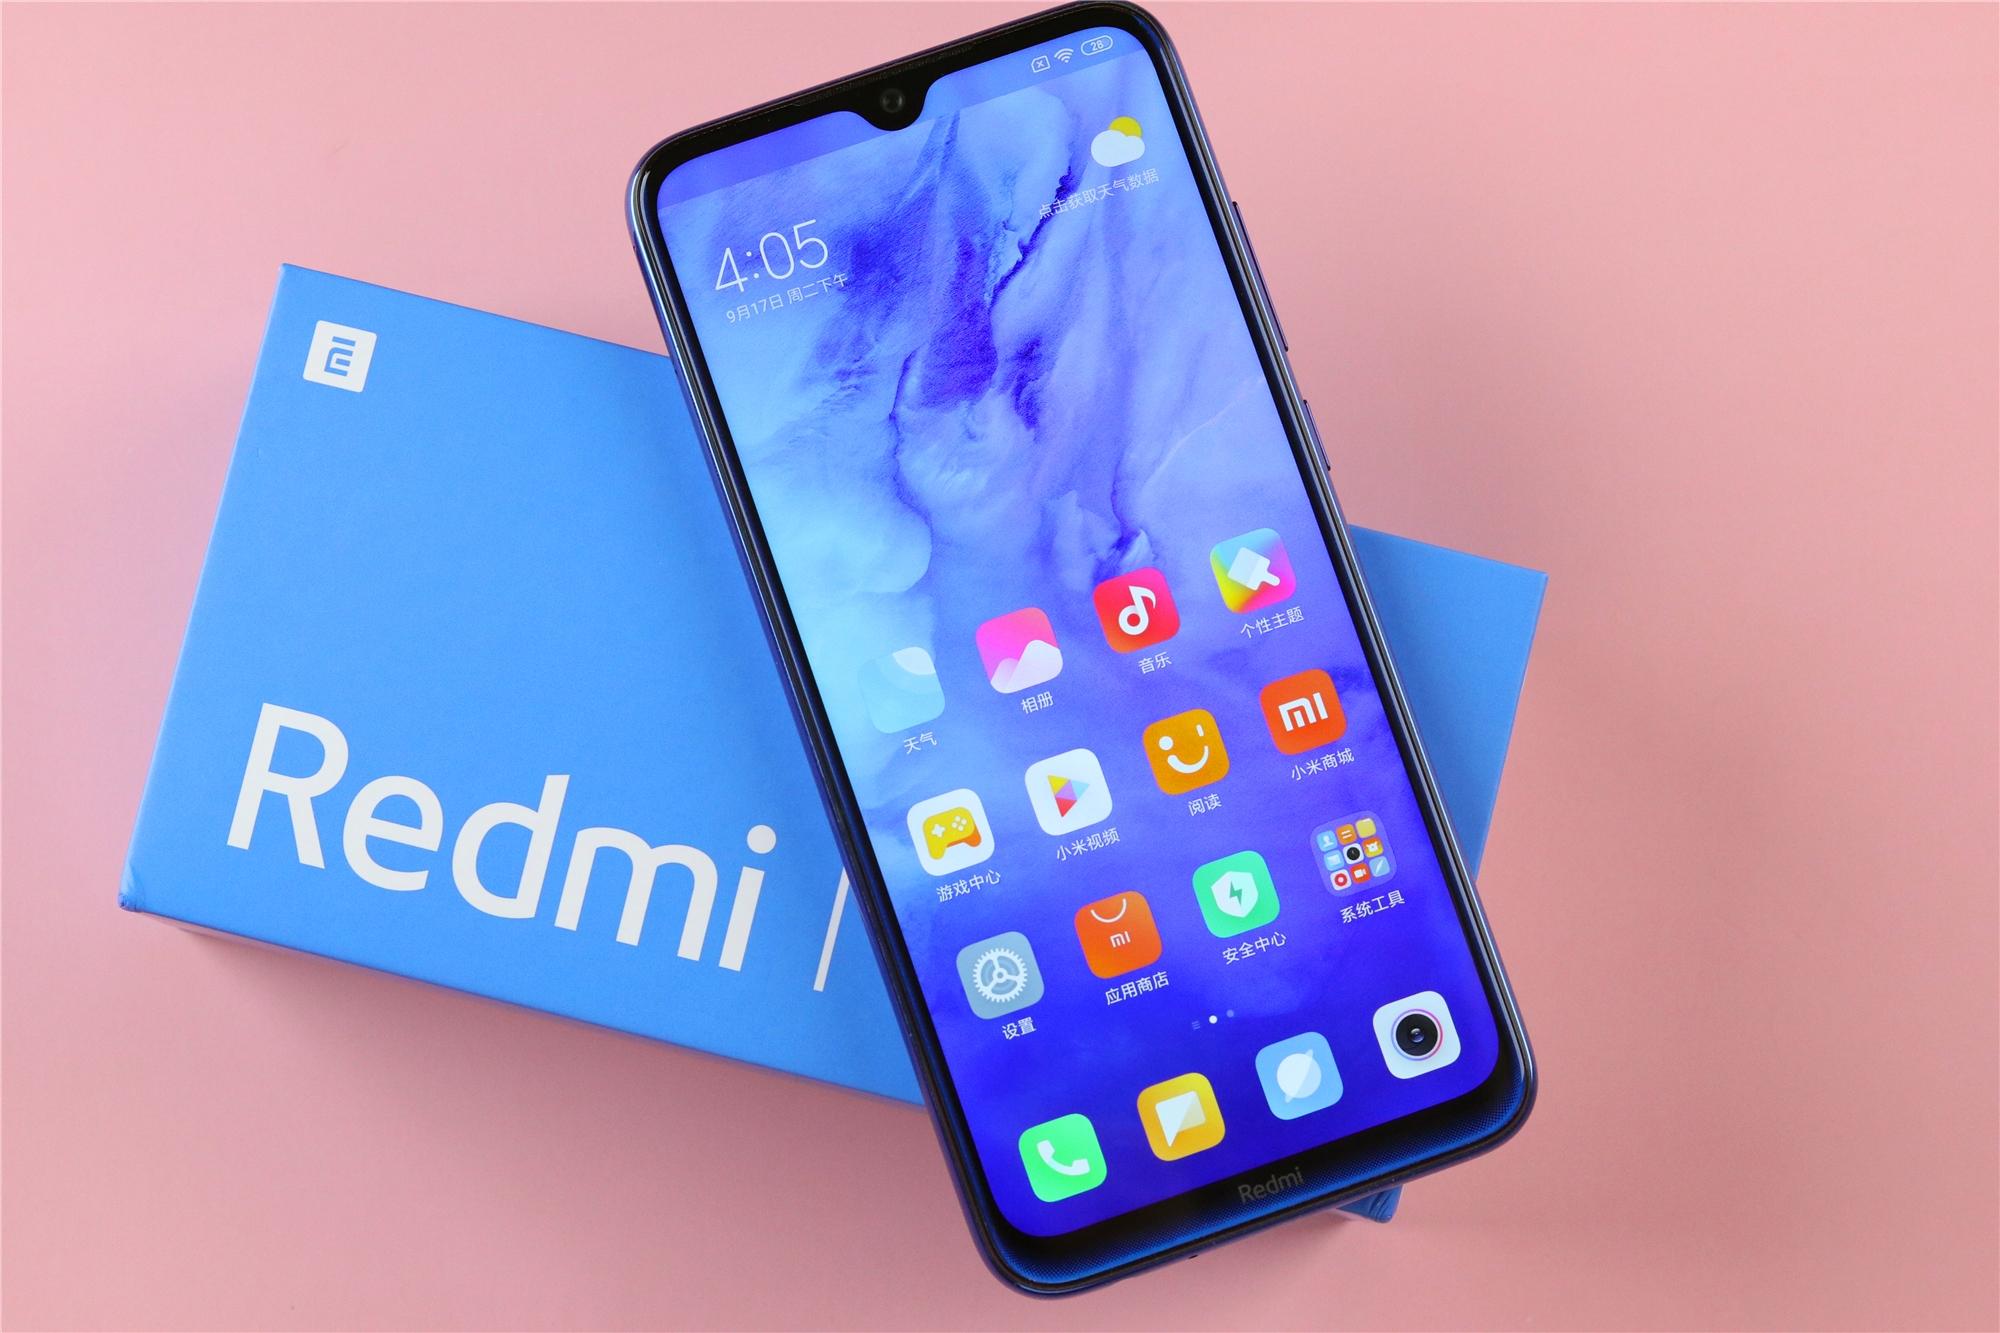 一线品牌百元手机大PK:送父母选哪种?看主要参数一目了然